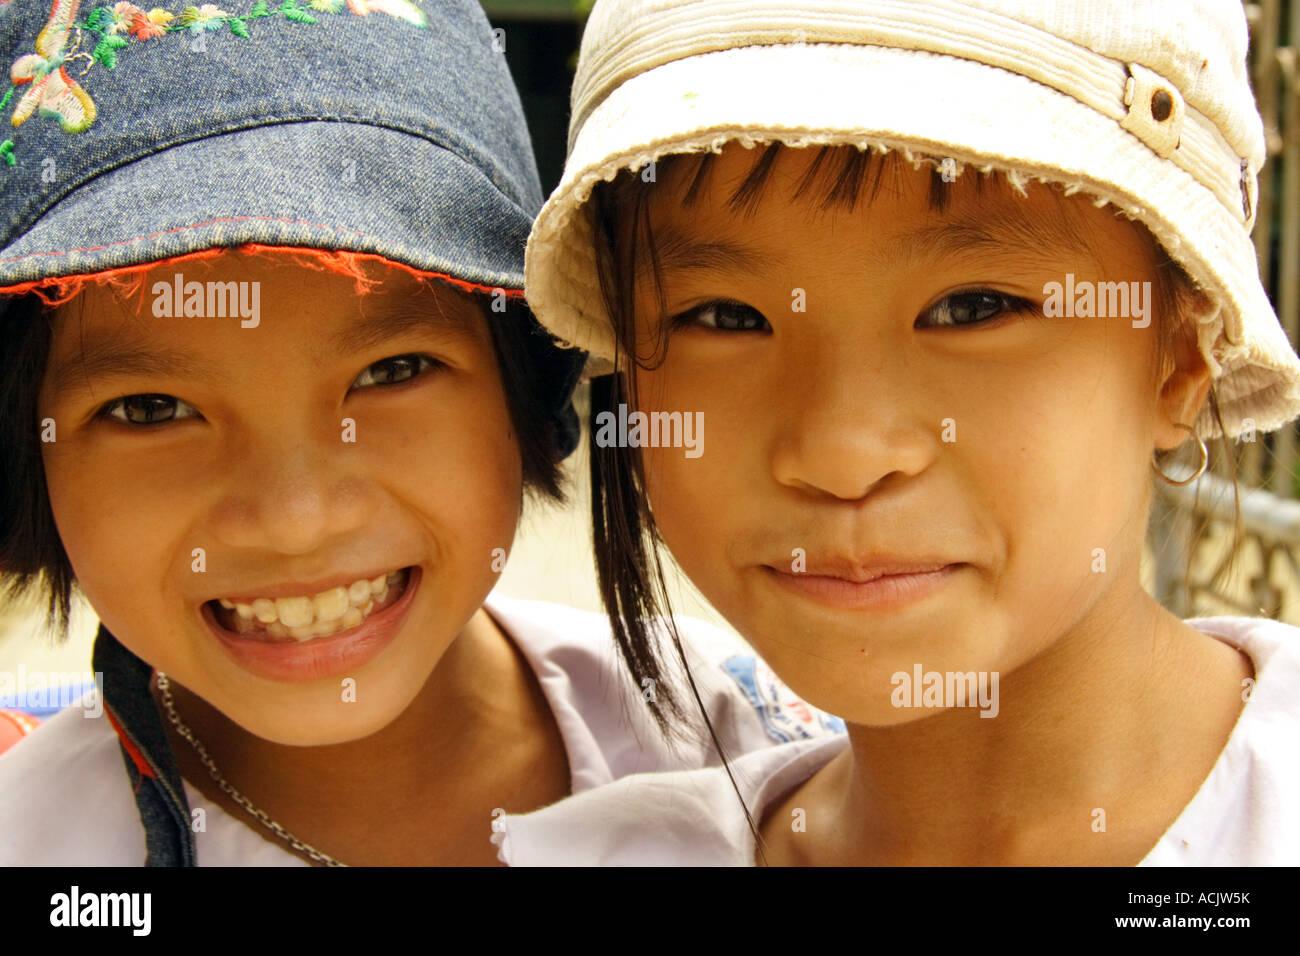 Portrait of two young Vietnamese schoolgirls Stock Photo